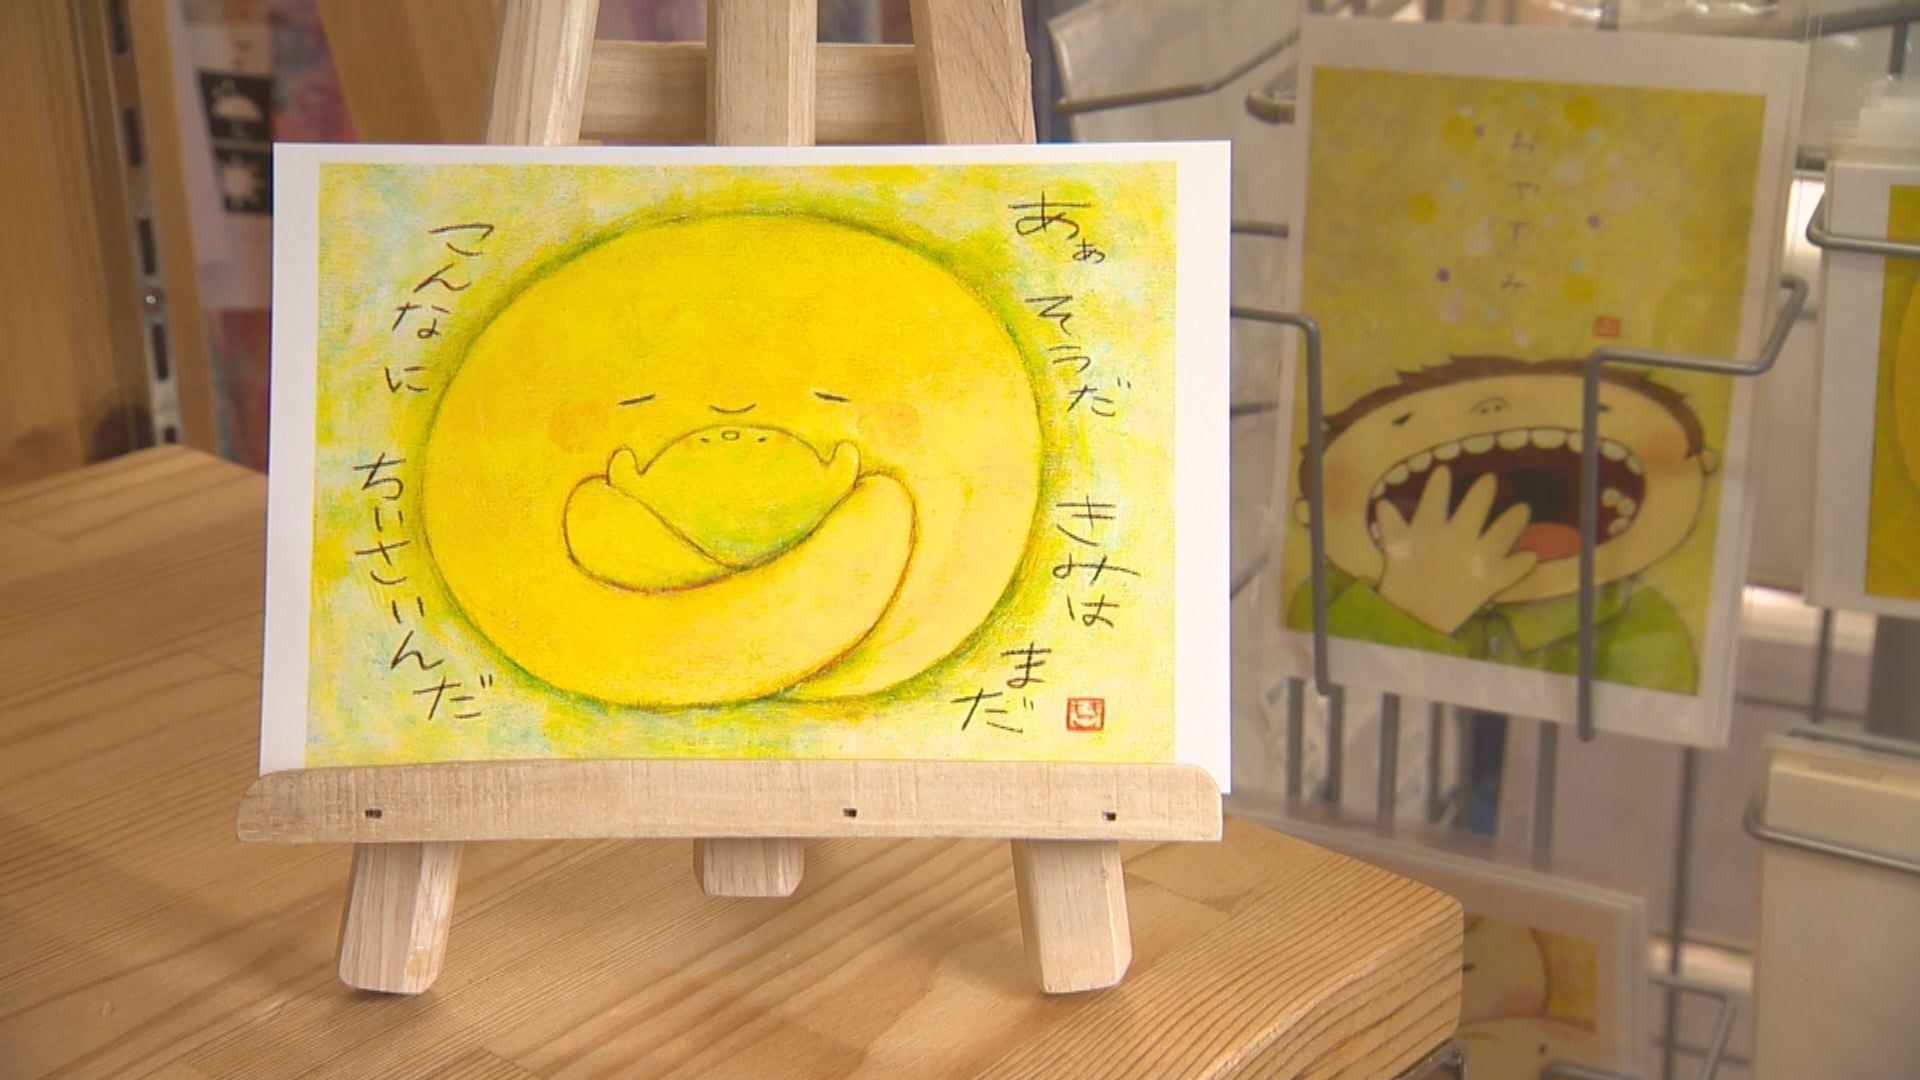 クッカ ポストカードイメージ(momocoさん作品)